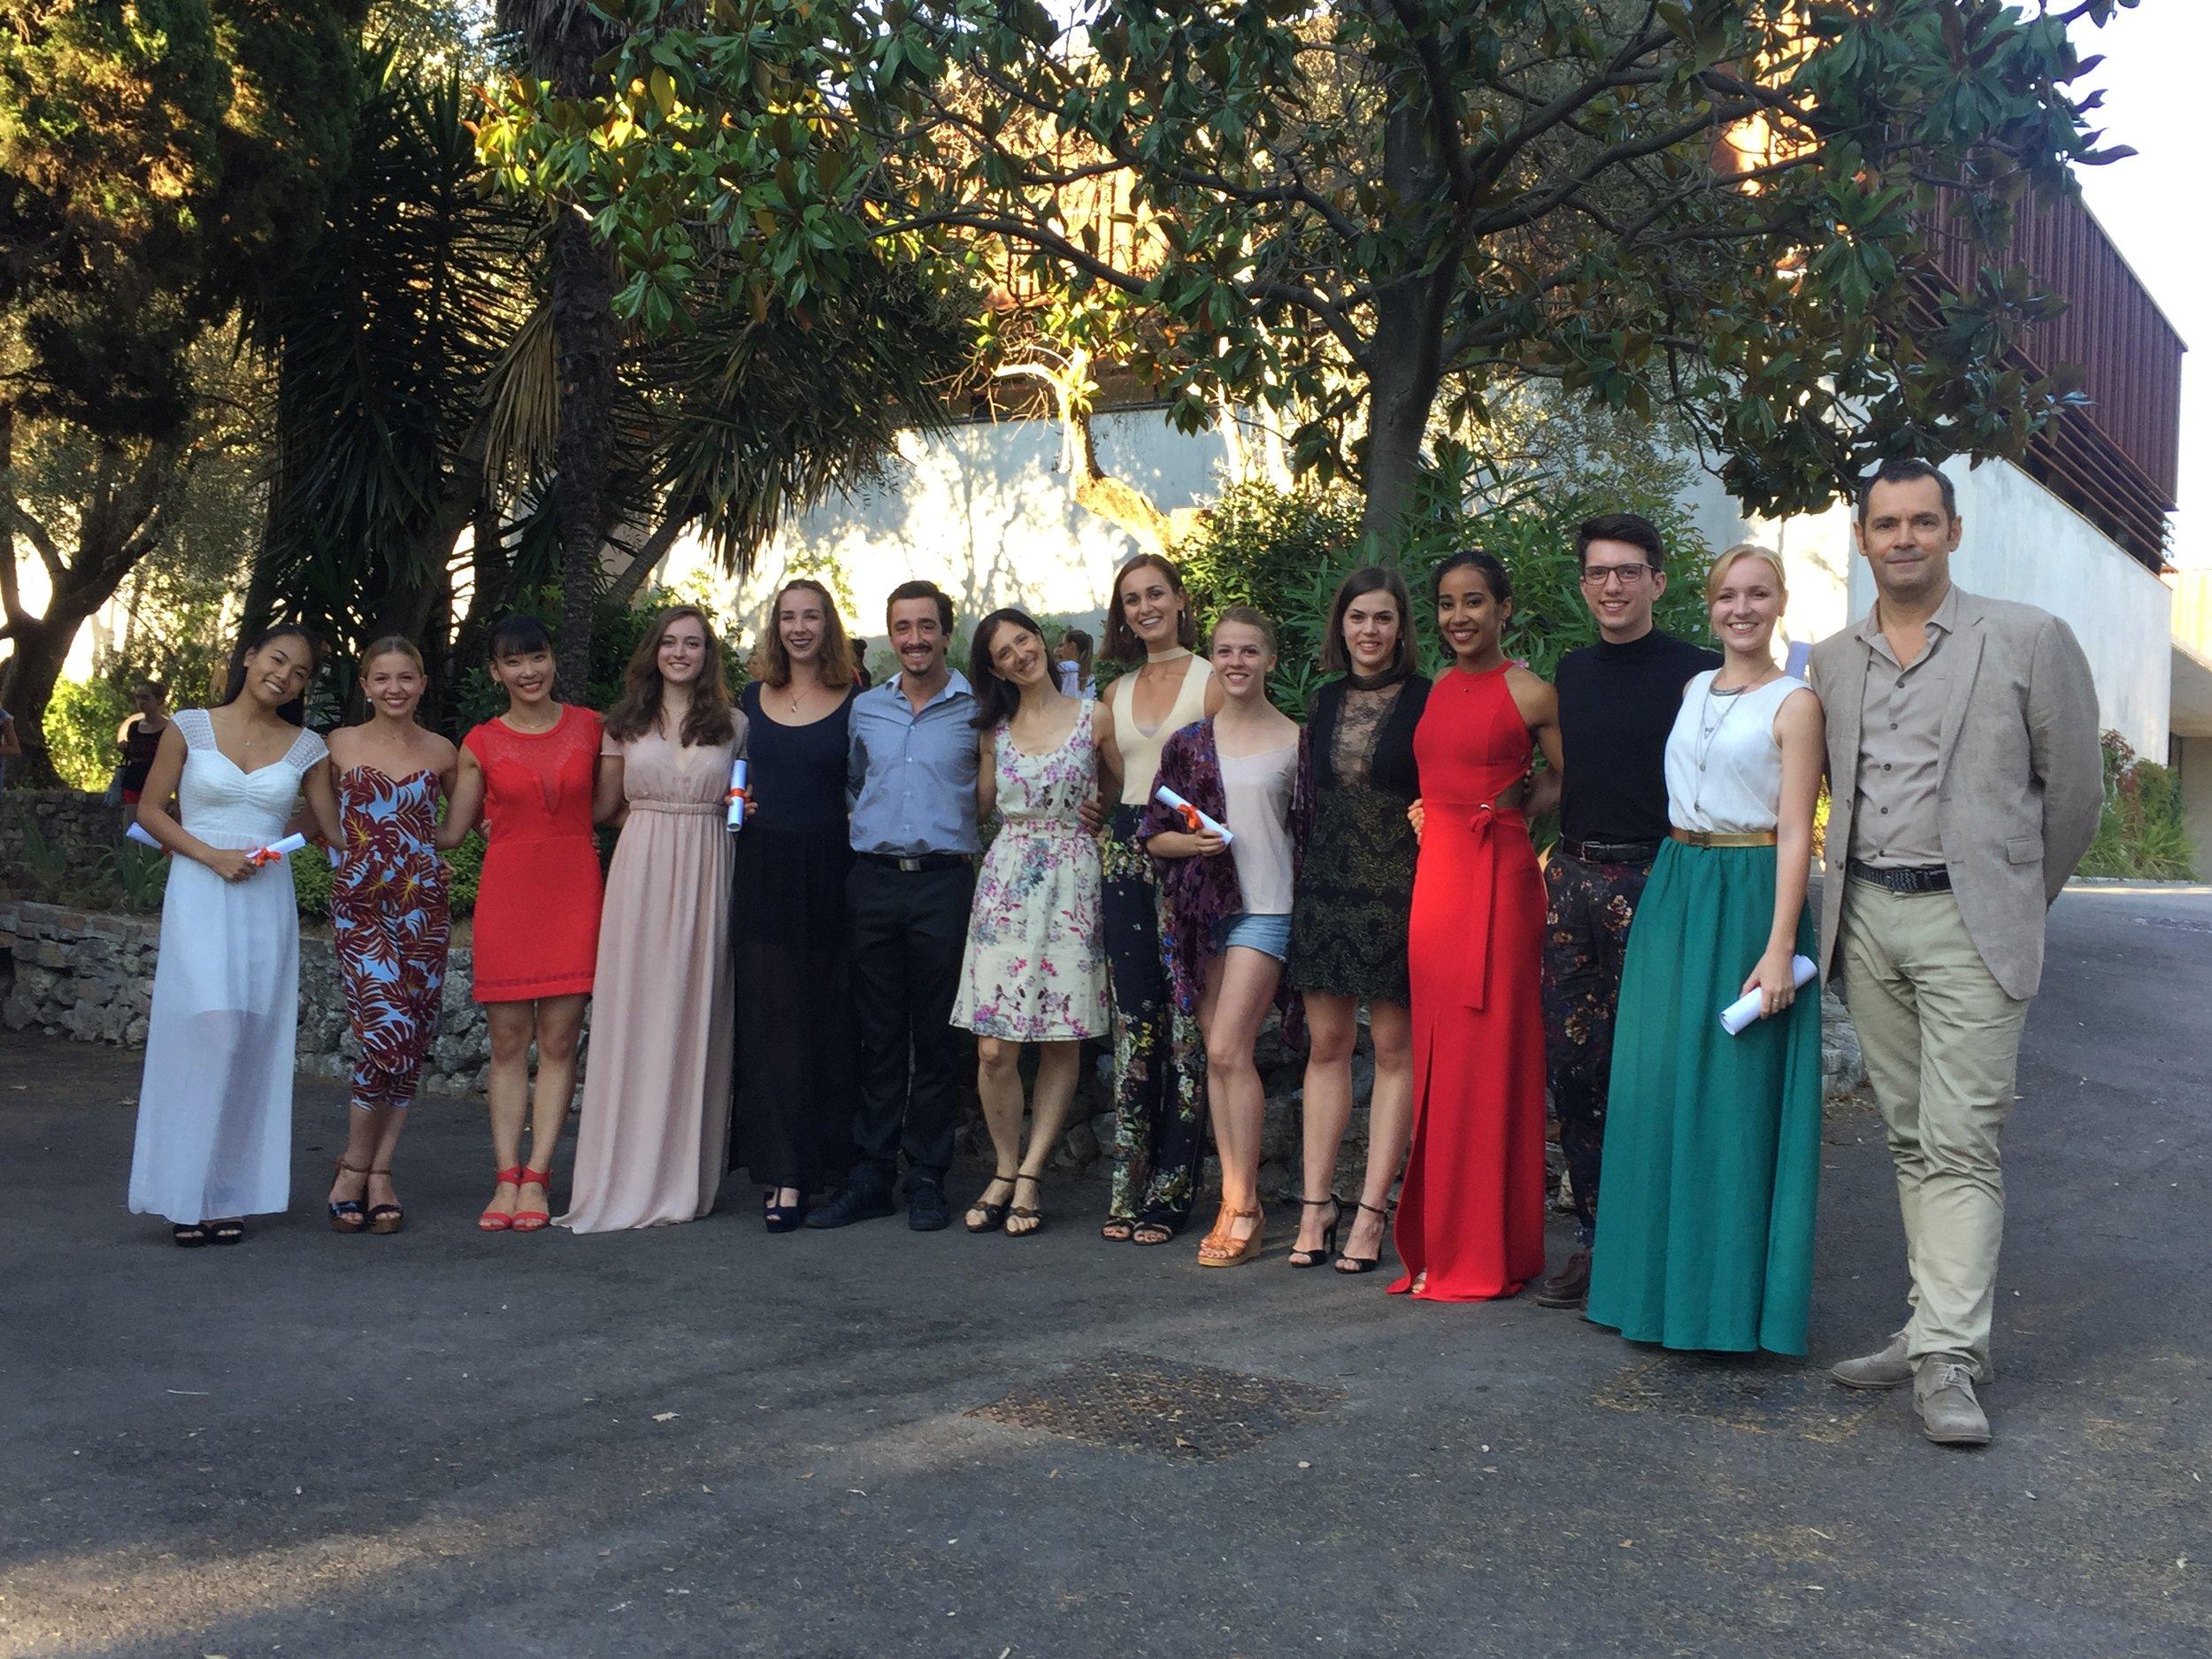 Les diplômés du Diplôme National Supérieur Professionnel du danseur